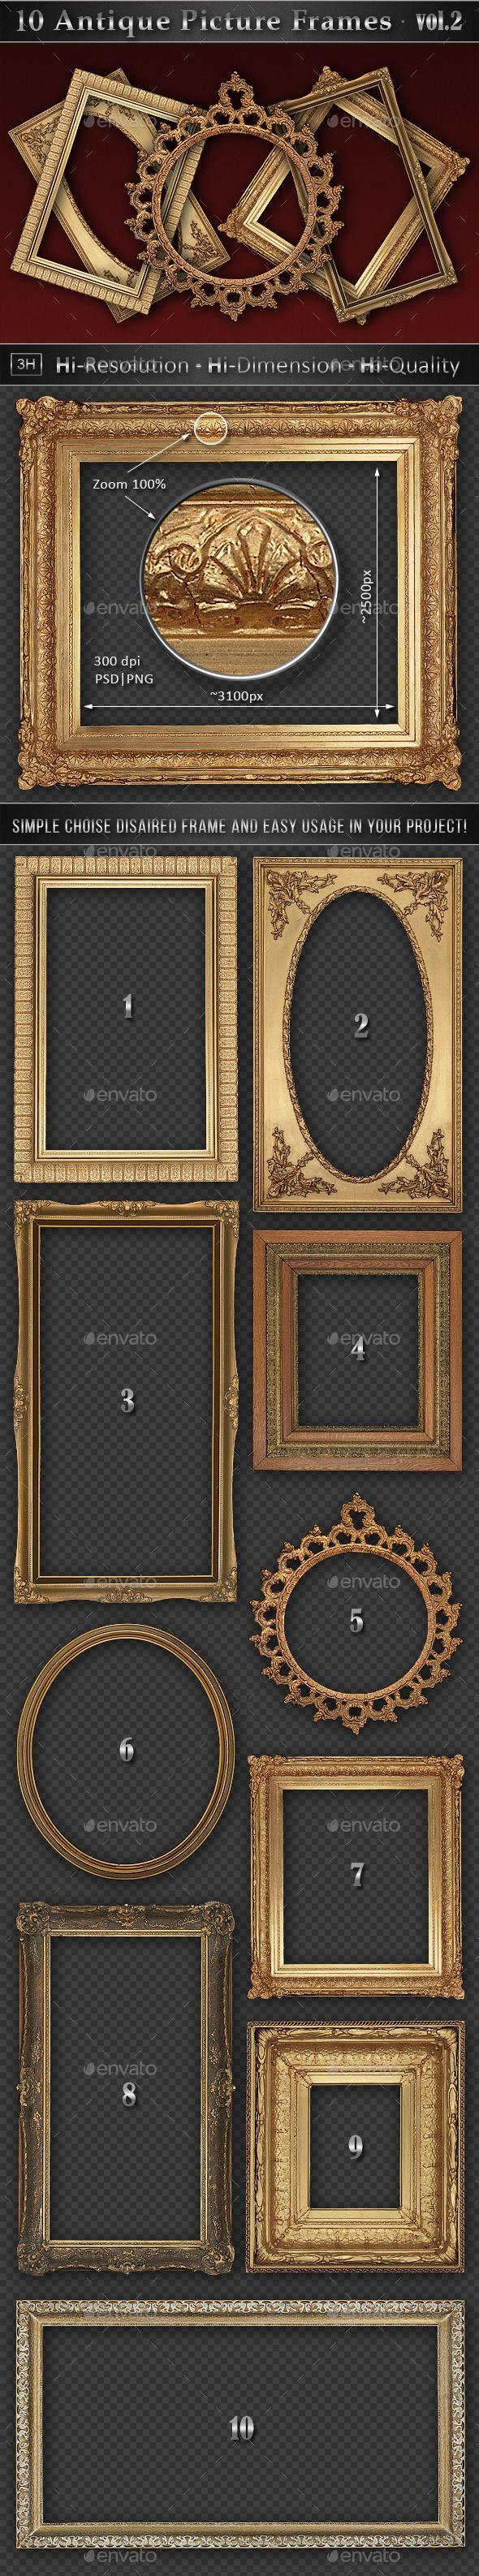 10 Antique Classic Picture Frames vol.2